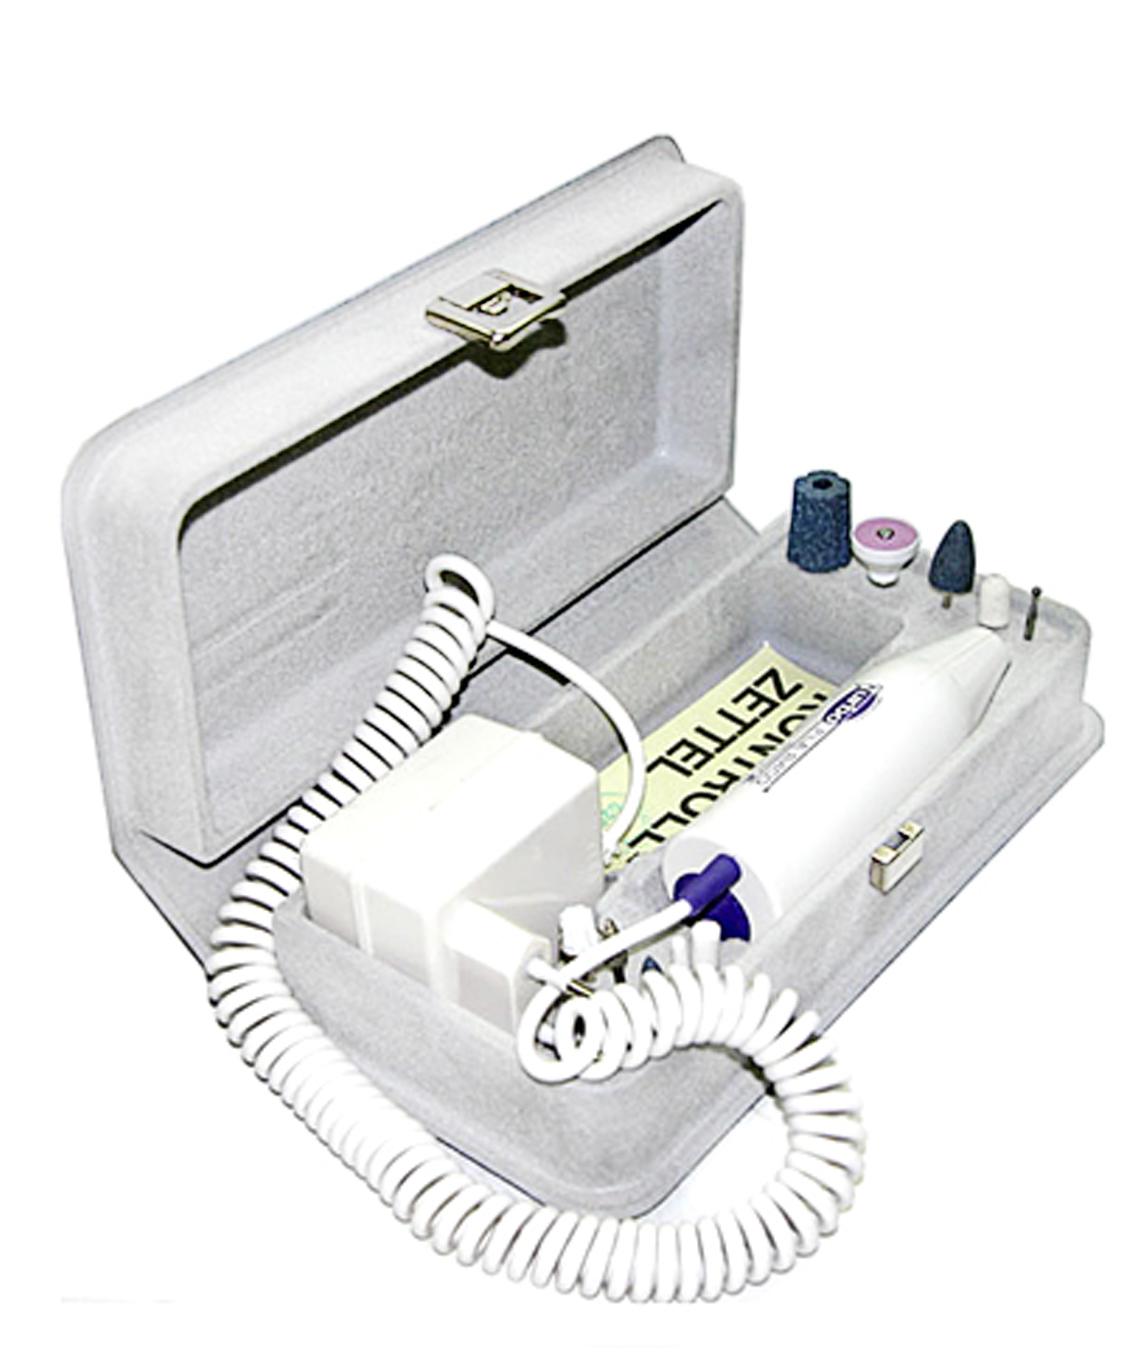 Фото: Фрезер для маникюра и педикюра с комплектом насадок Turbo File 2400